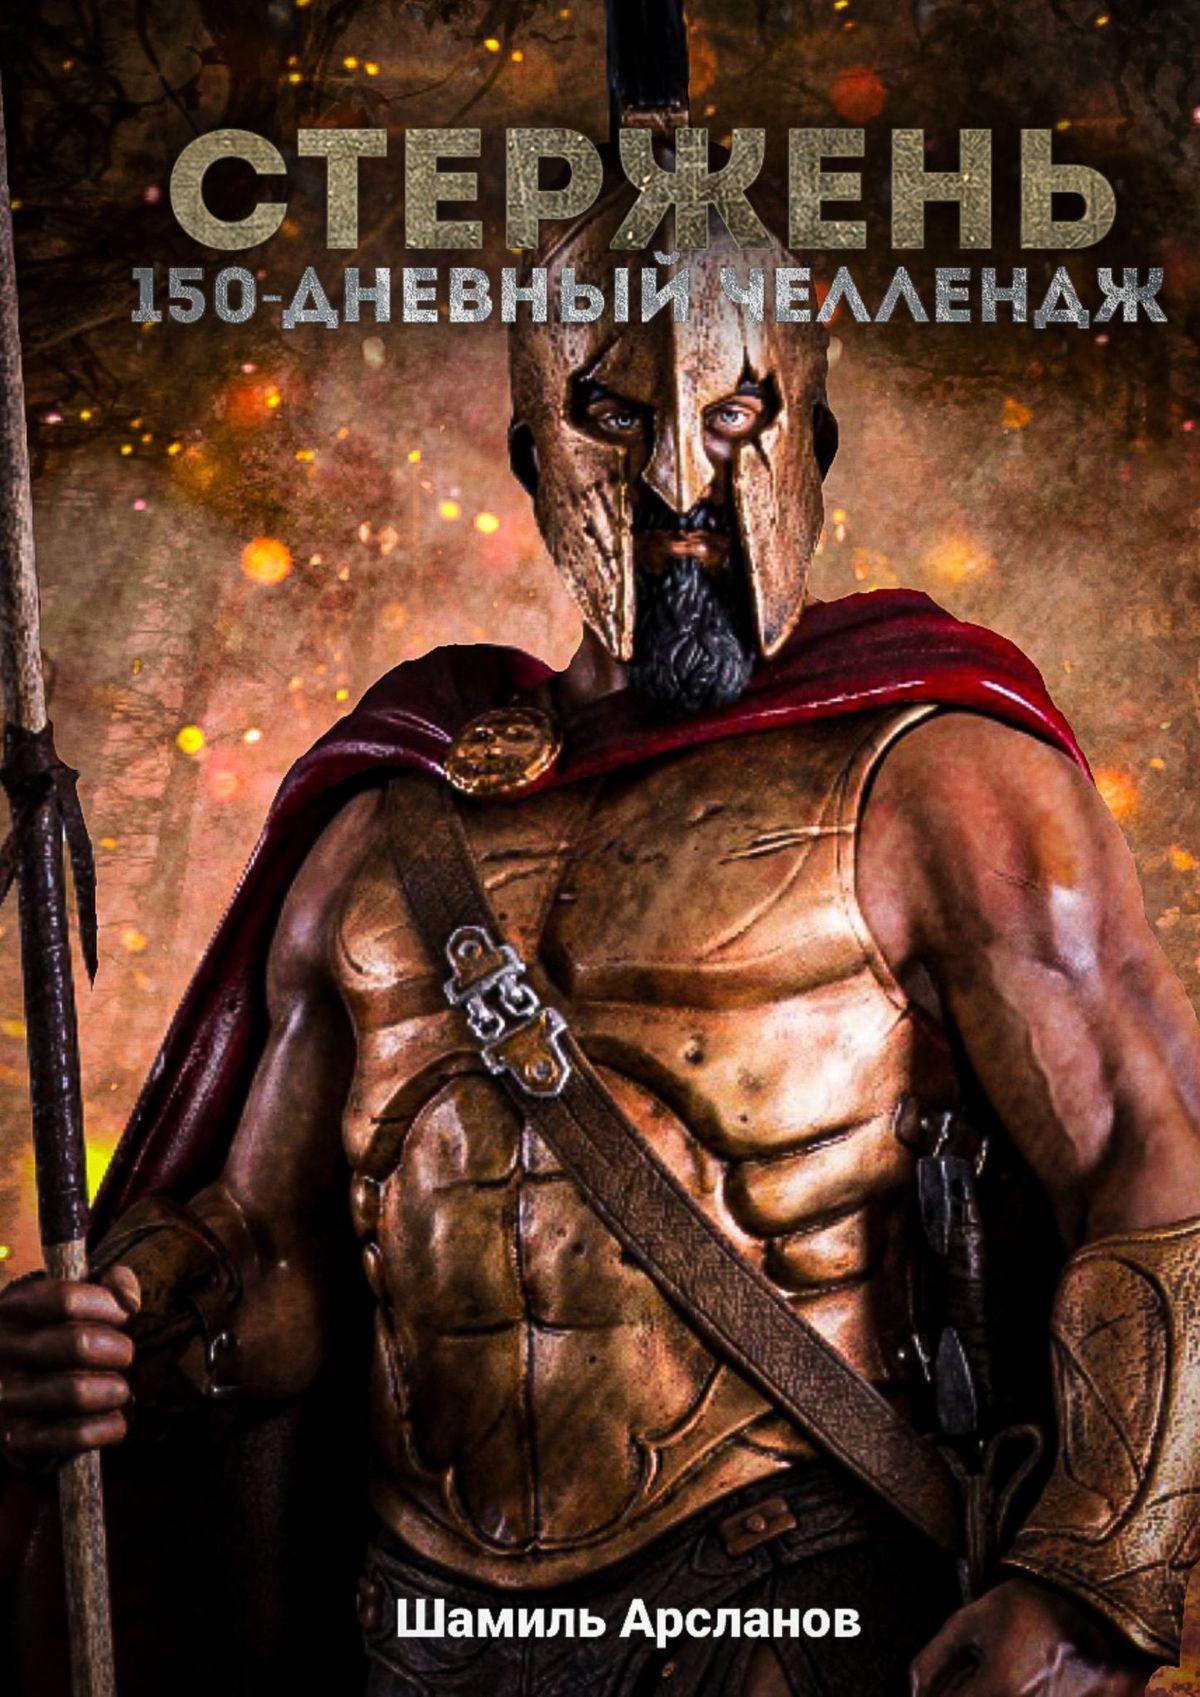 Шамиль Арсланов - Стержень. 150-дневный челлендж